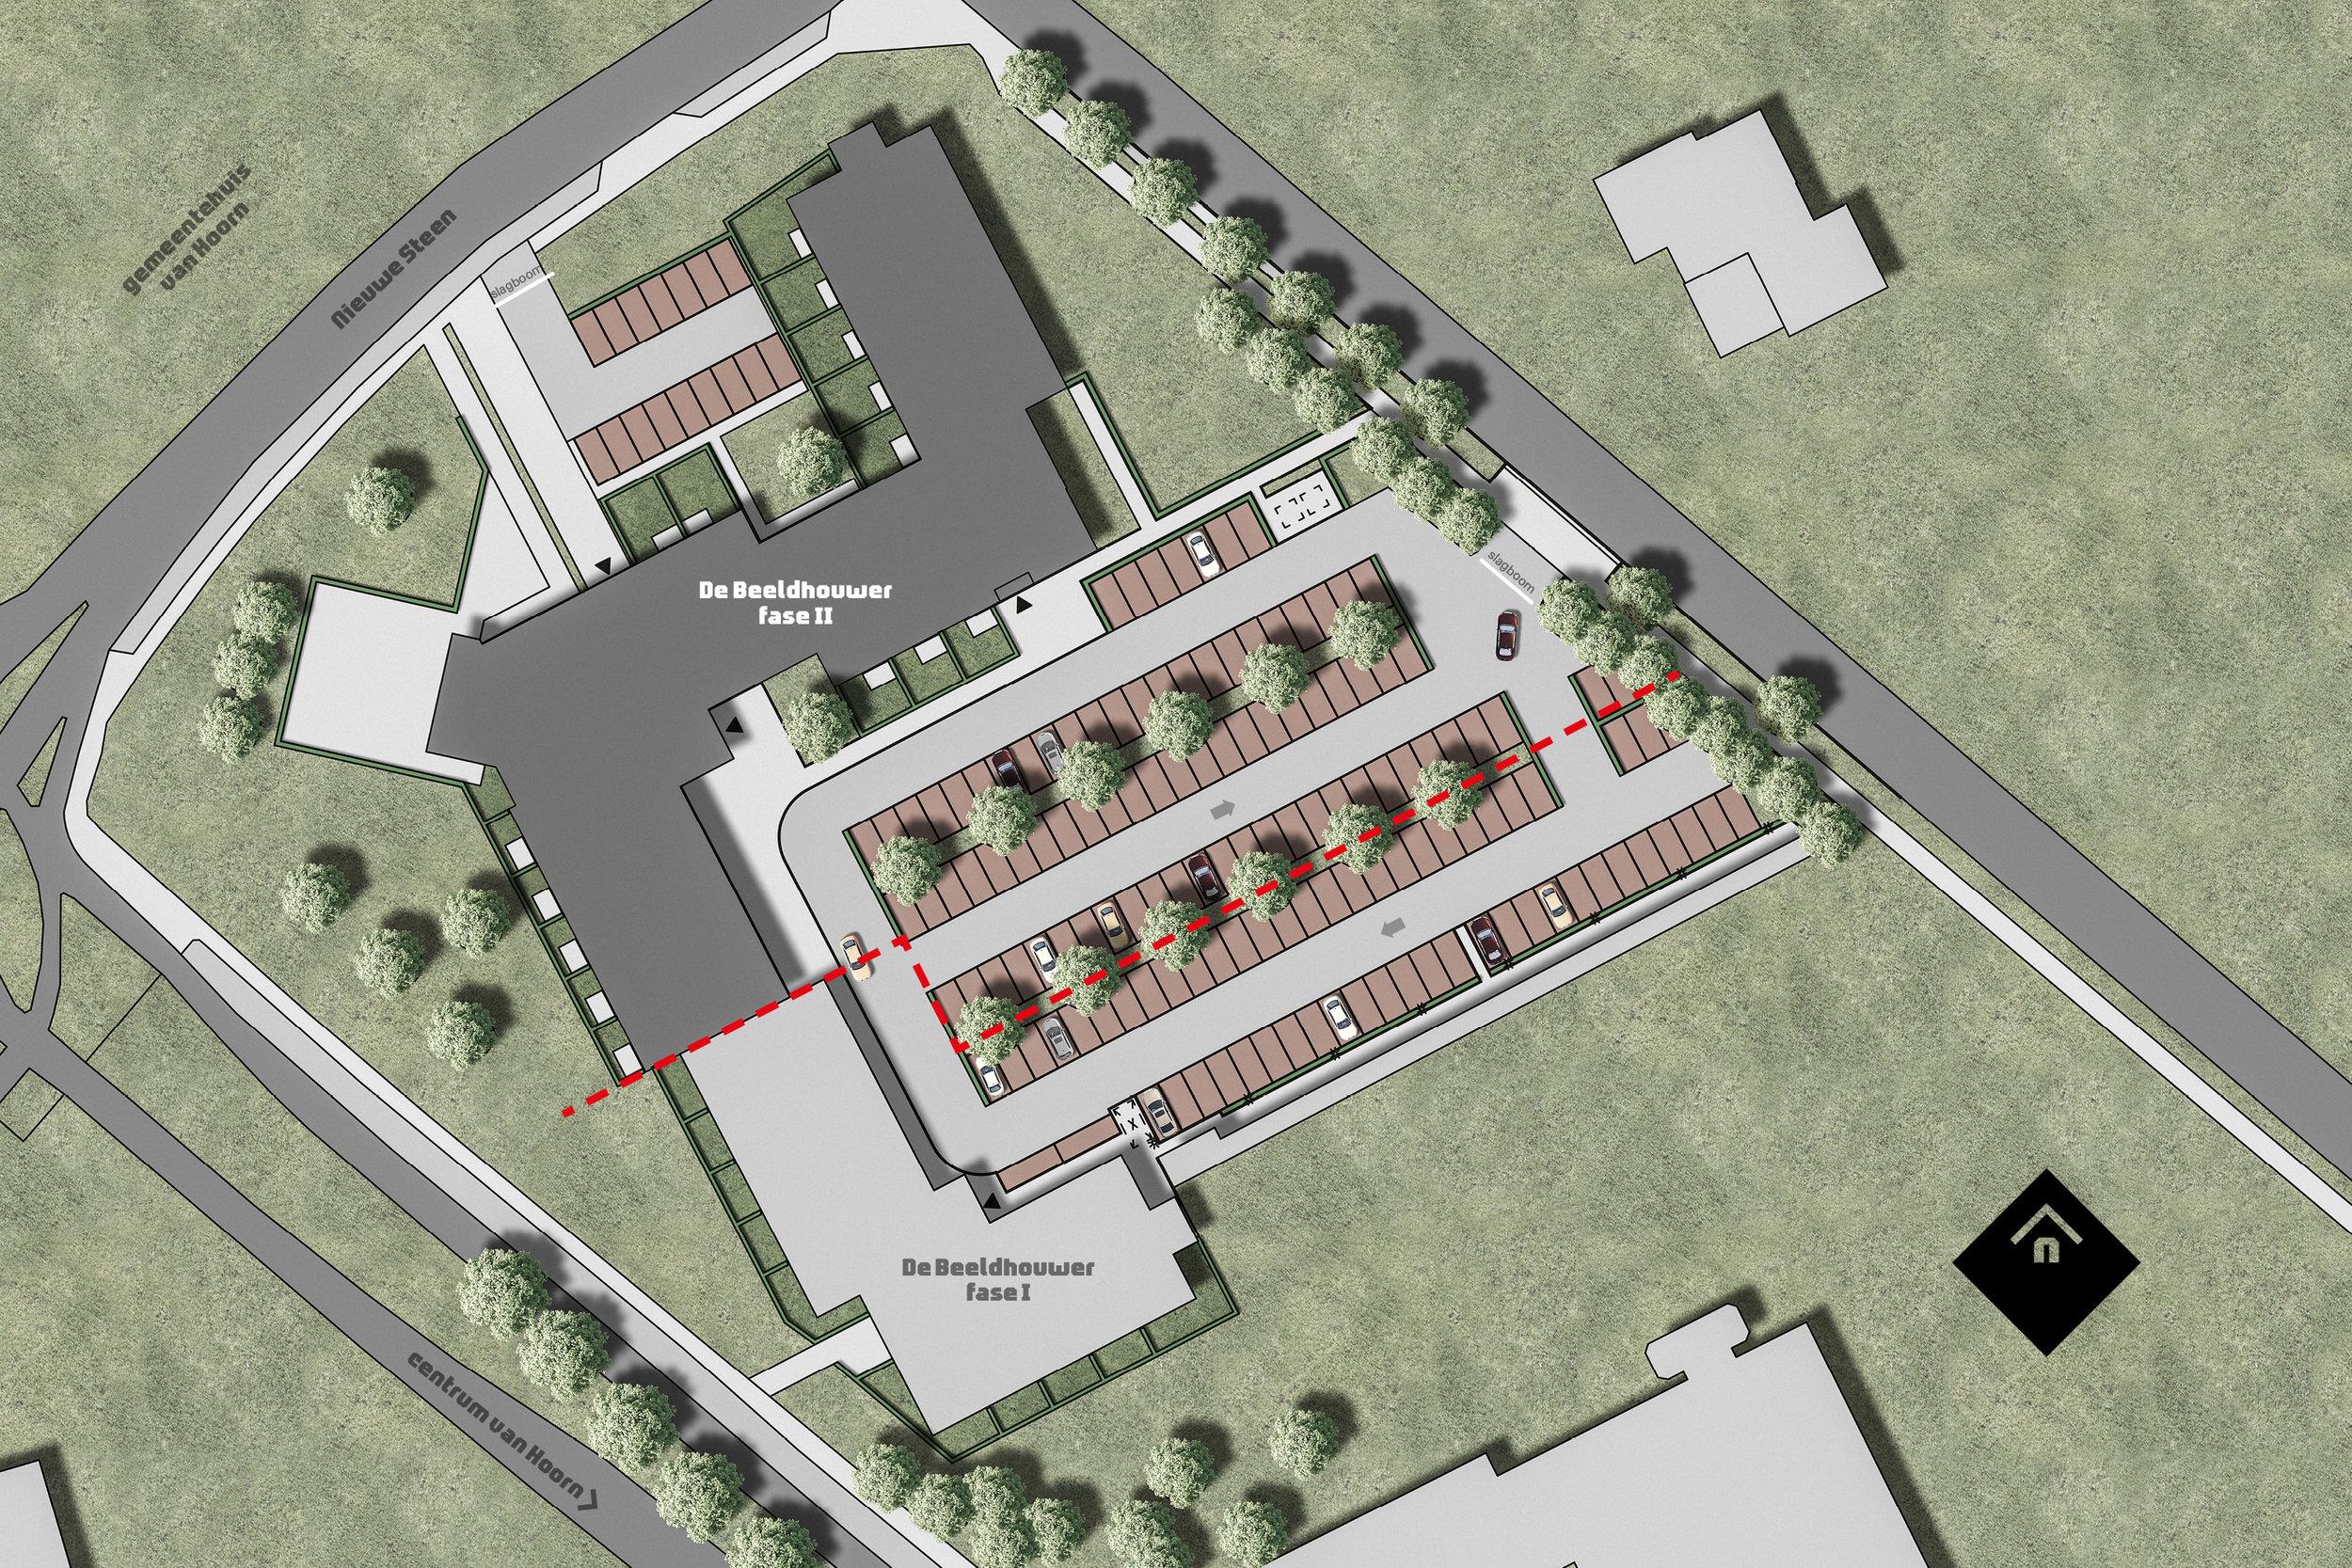 Locatie koopwoningen De Beeldhouwer fase II in Hoorn